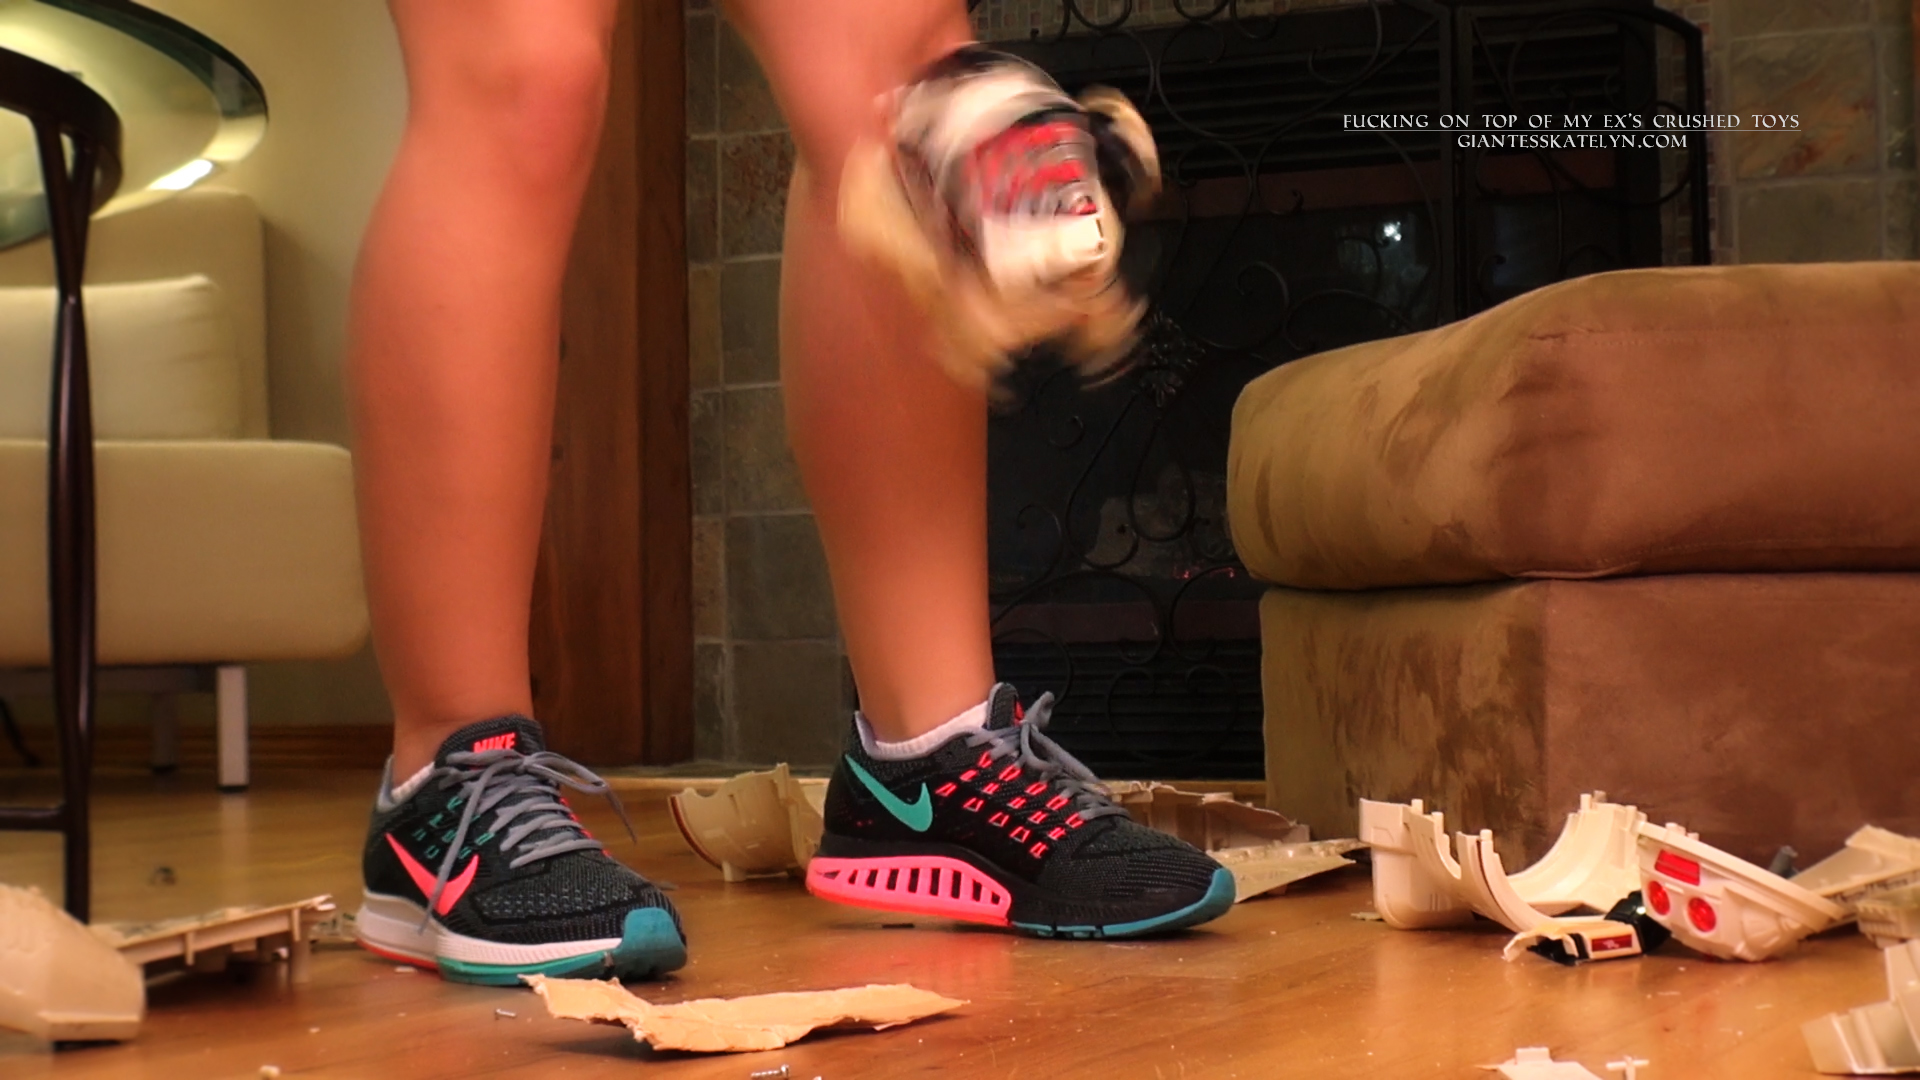 sneaker-crush-fetish-videos